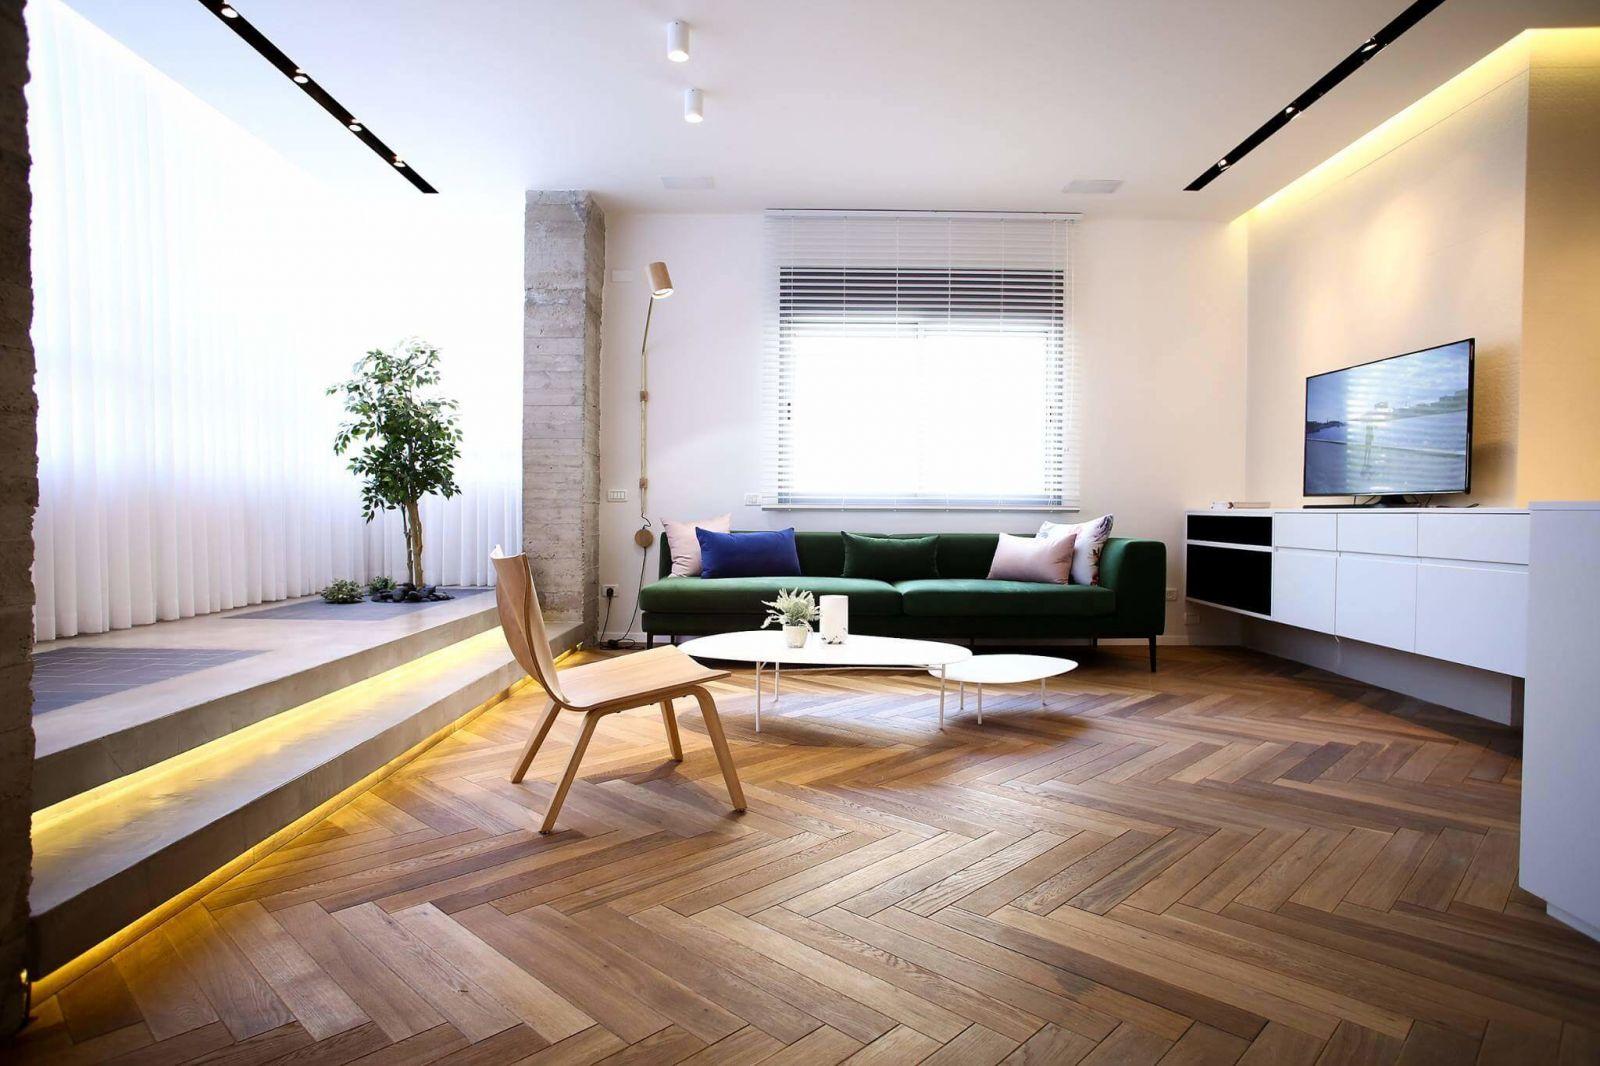 Минимальный набор мебели, и небольшой подиум визуально увеличиваетпространство гостиной